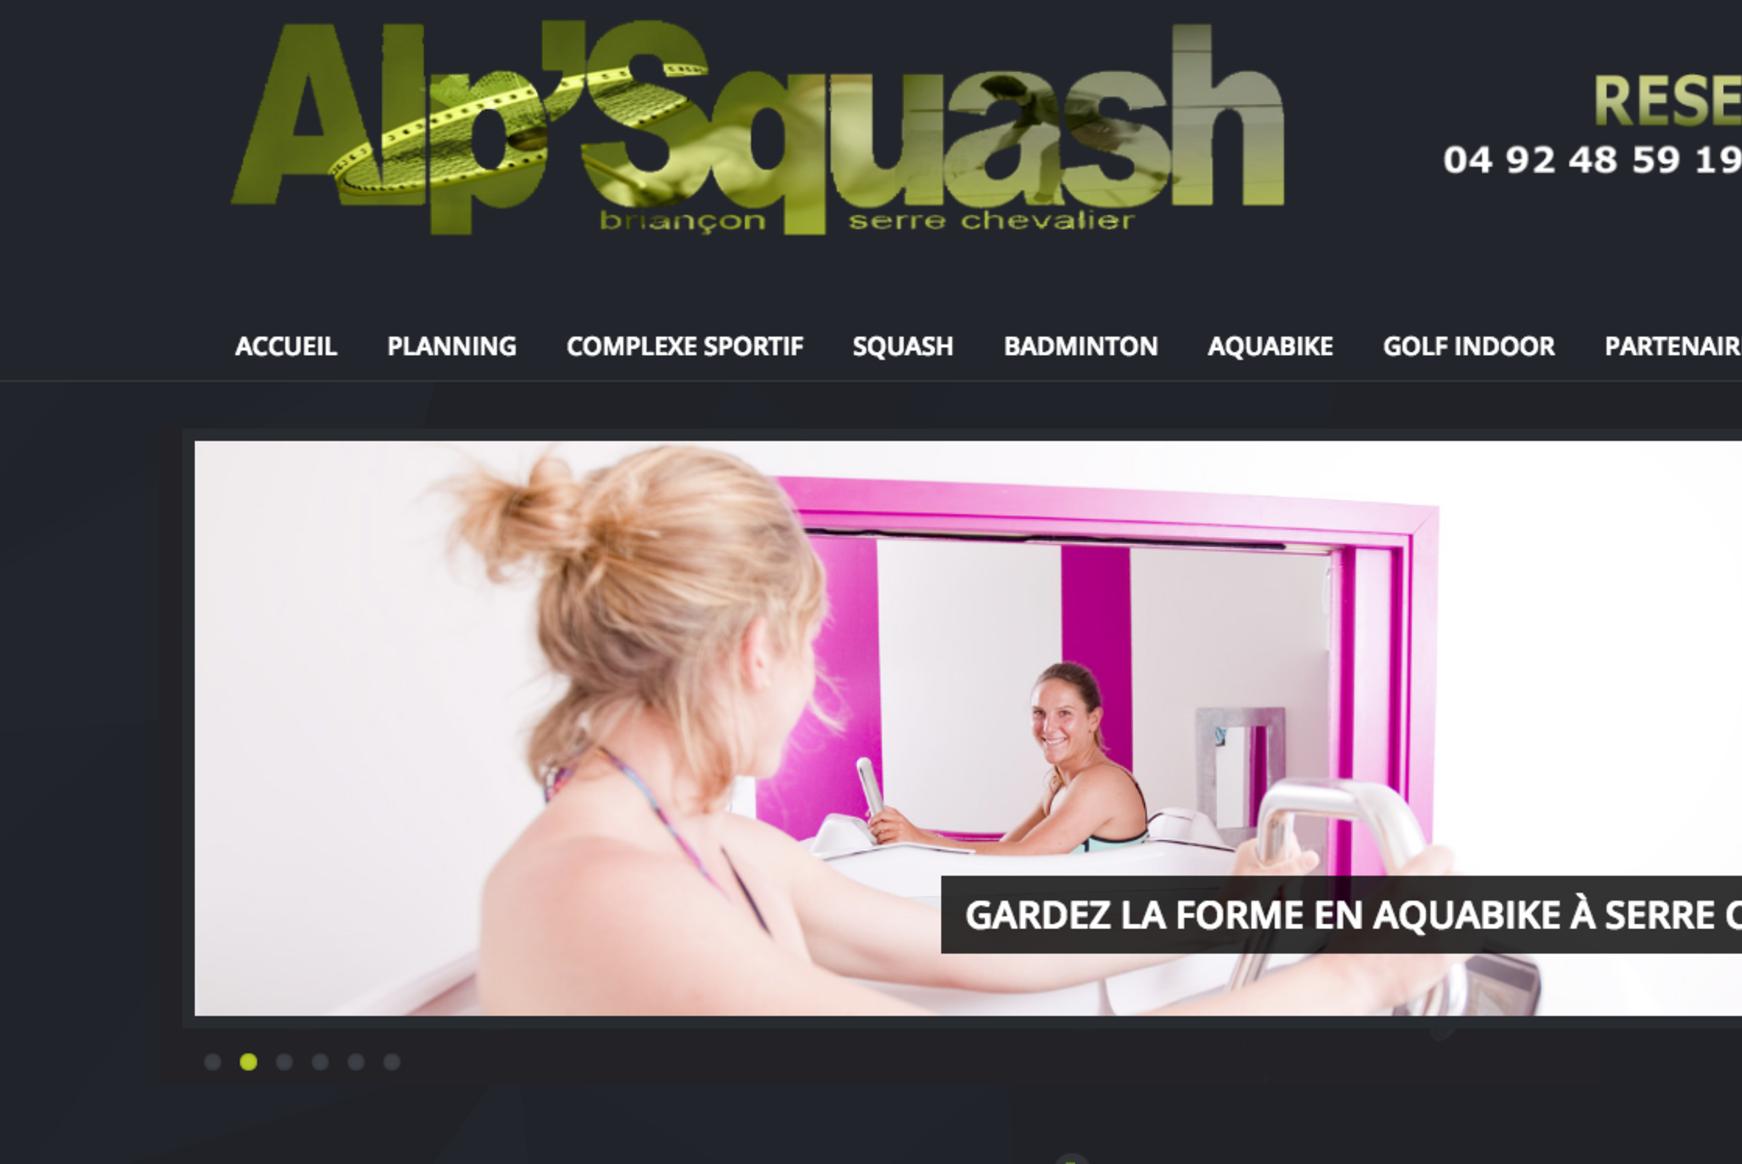 Alp'squash doté de la solution de réservation de Net-Rezo